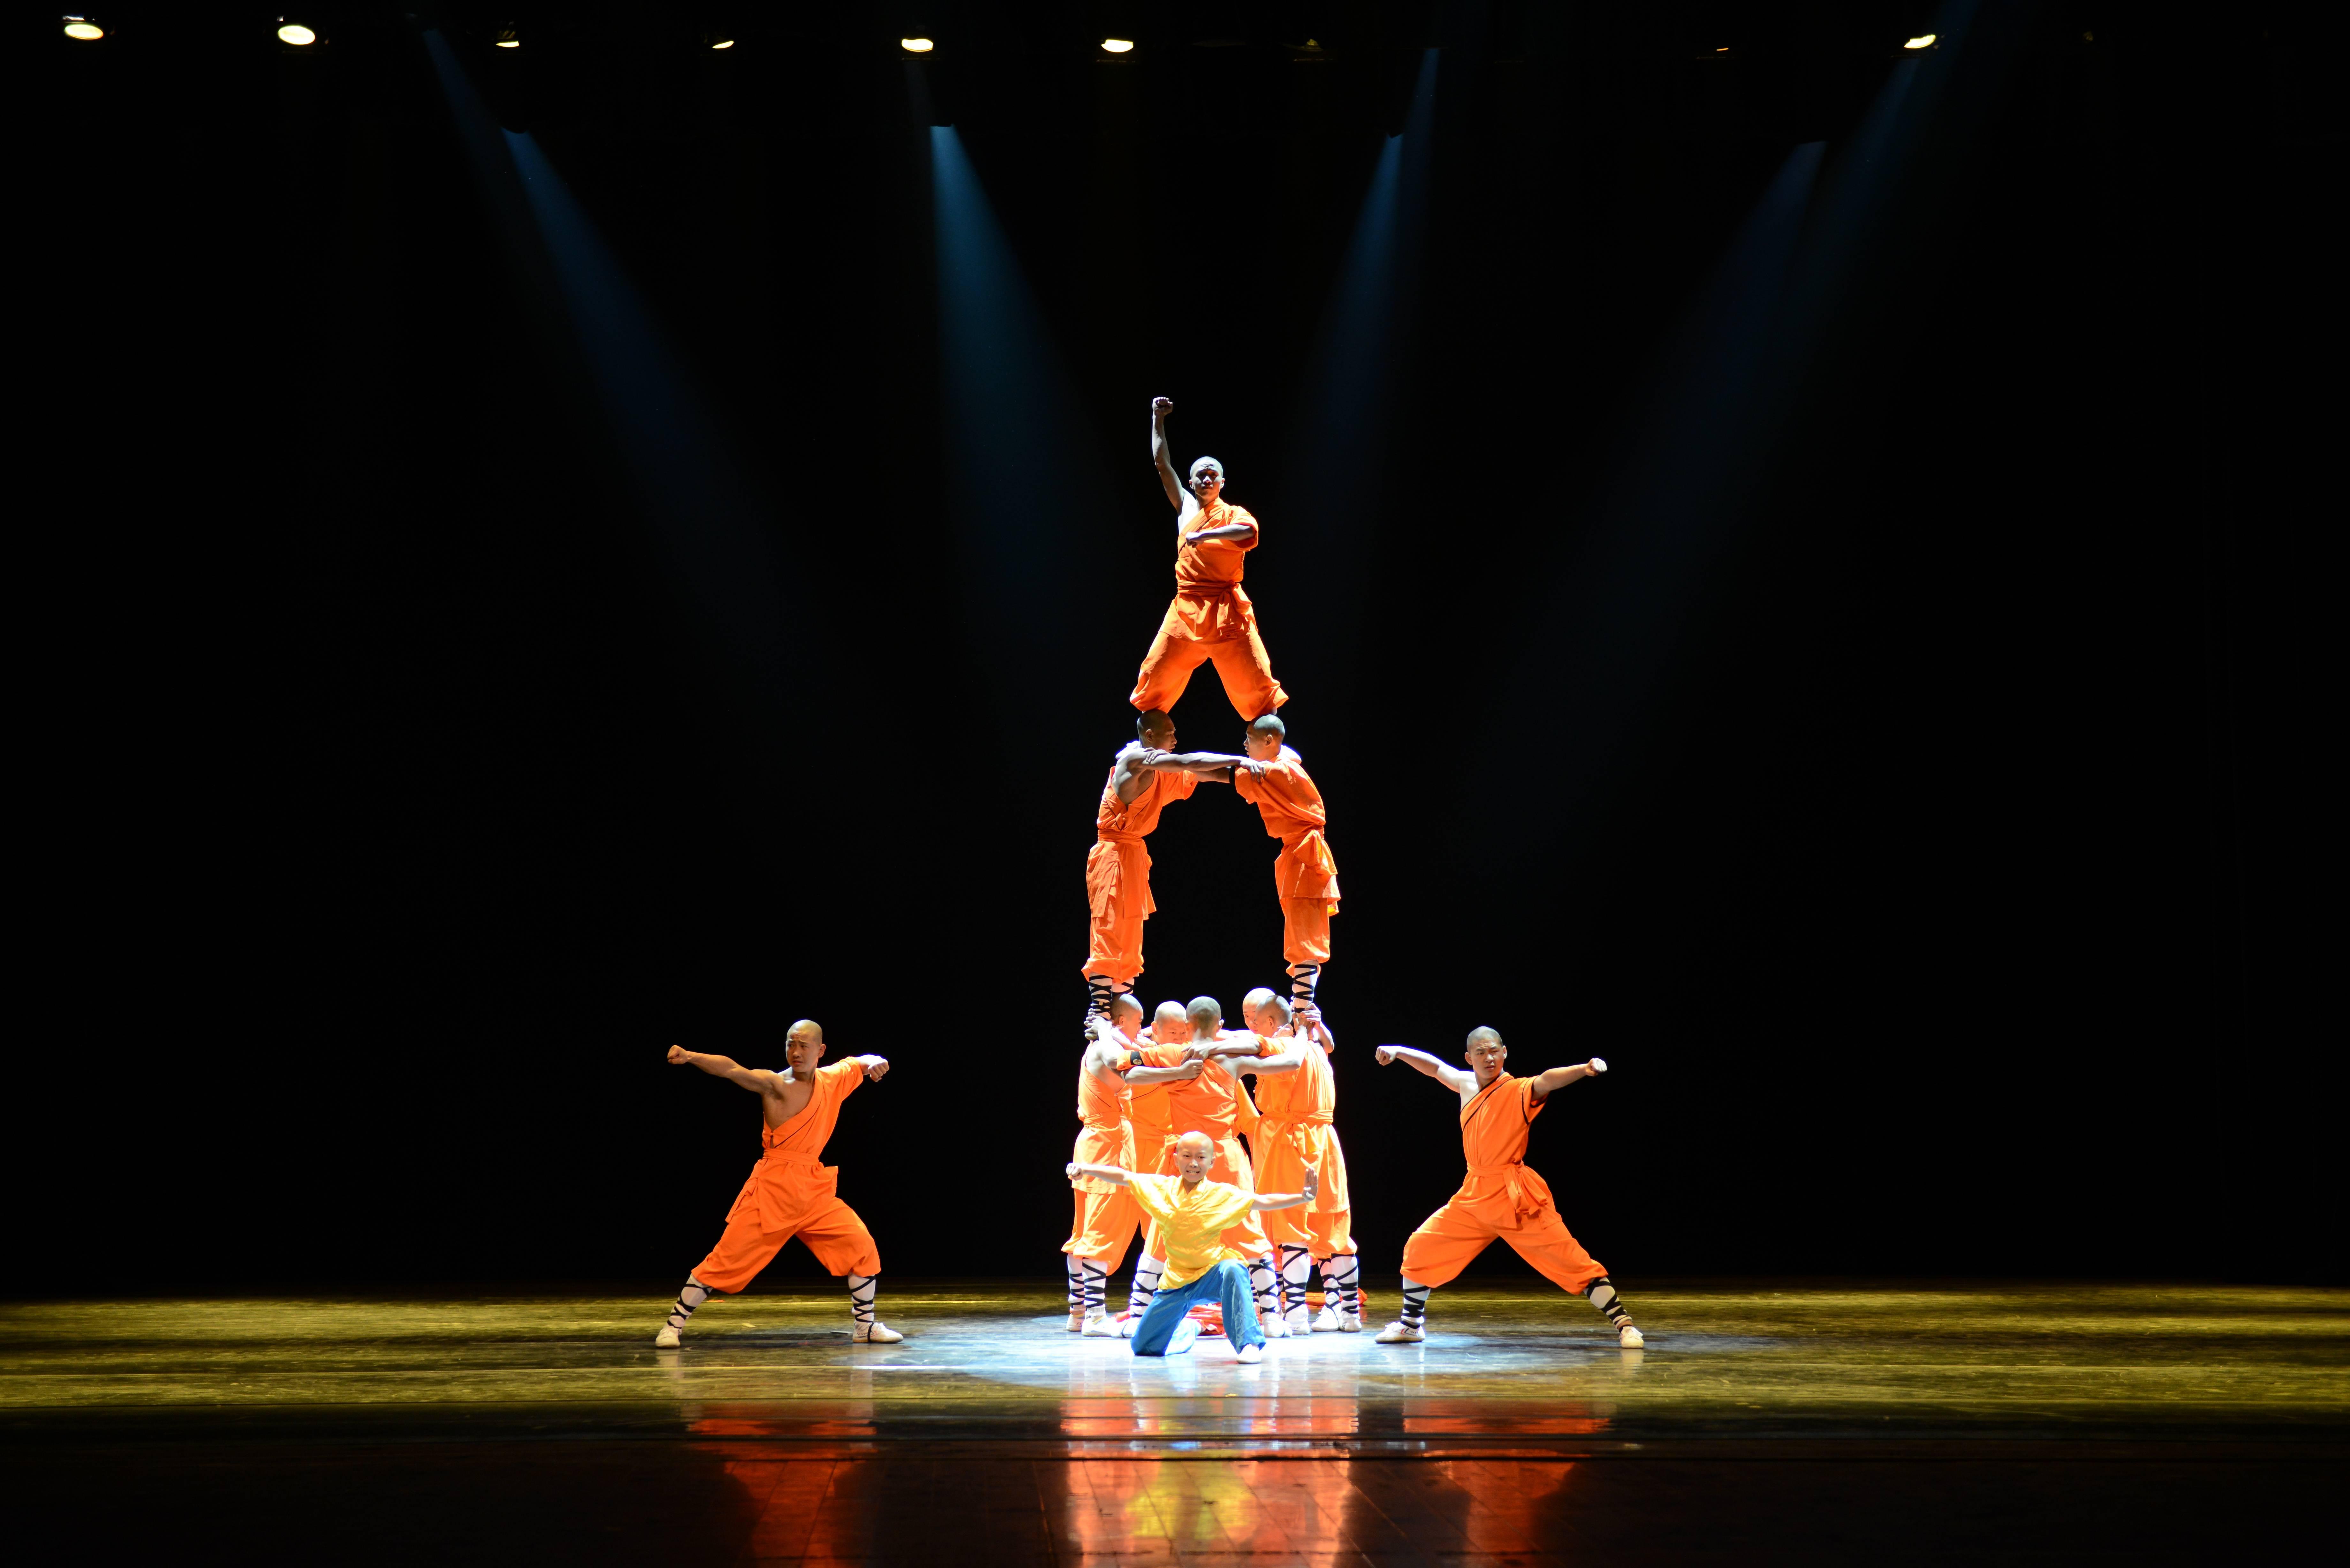 До Києва та Львова їде неймовірне шоу літаючих шаолінських монахів - фото 1